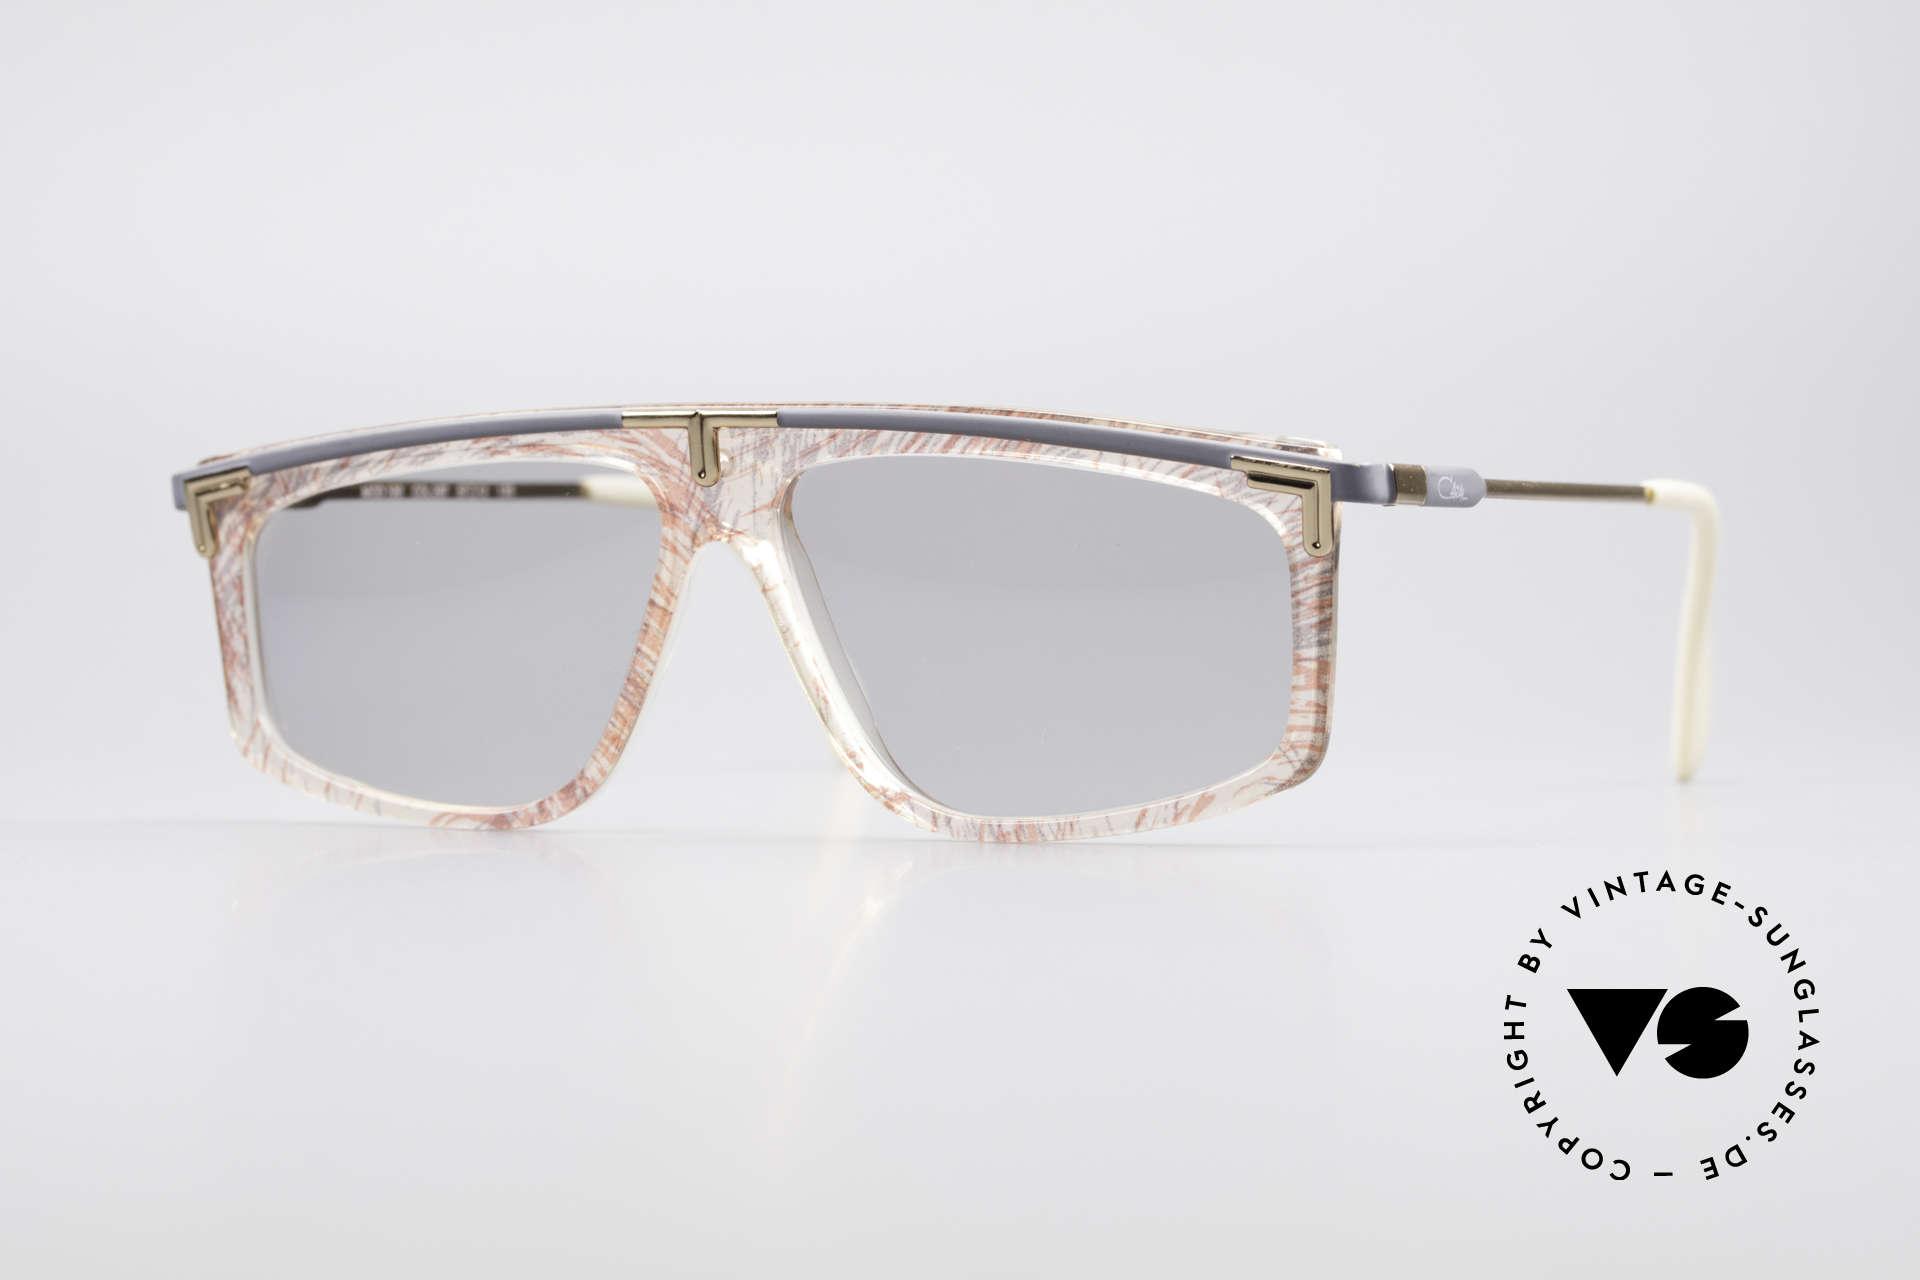 Cazal 190 80er Hip Hop Sonnenbrille, legendäre Cazal vintage Brille aus den späten 80ern, Passend für Herren und Damen